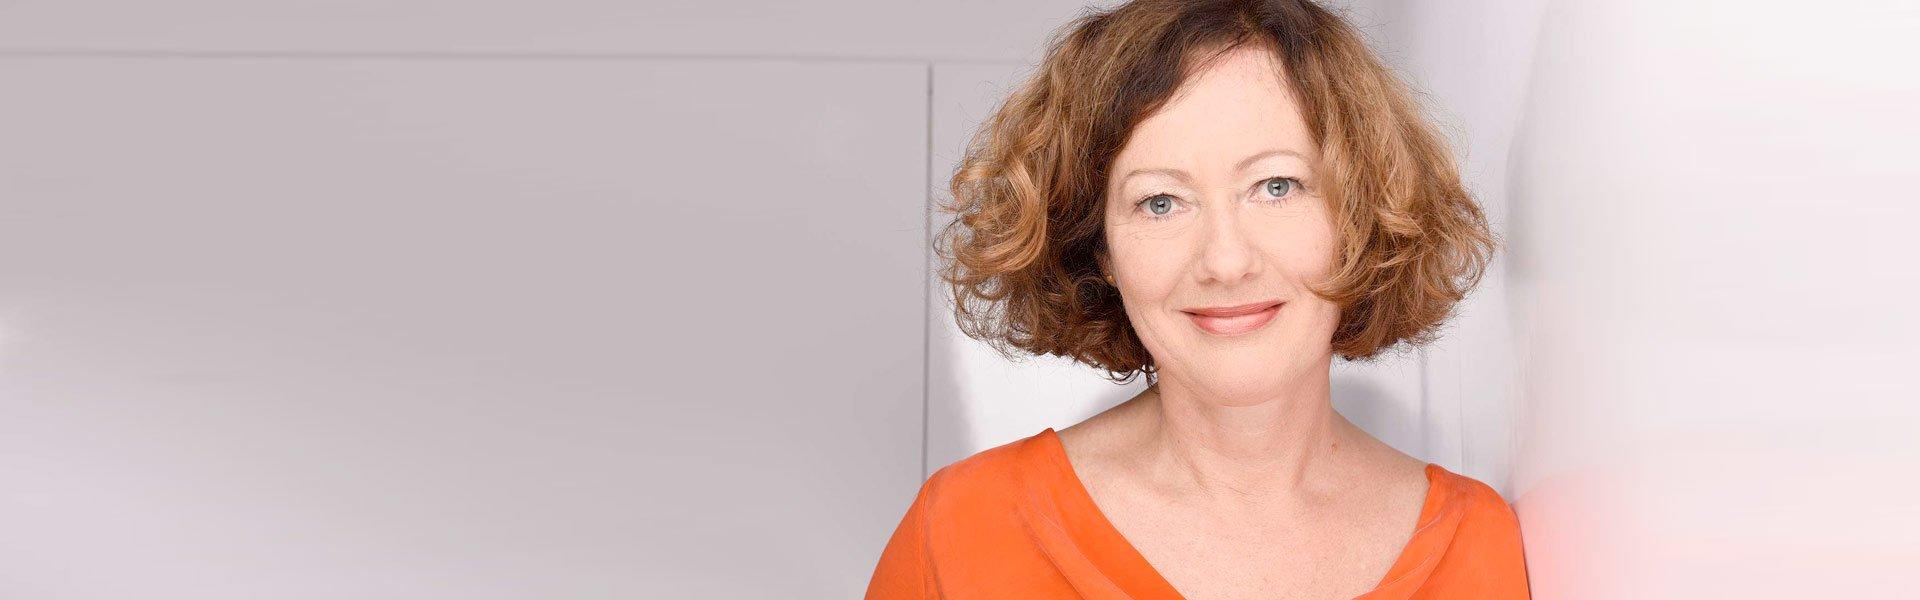 Claudia Germer von Aufwärts Marketing für erfolgreiche Coaches